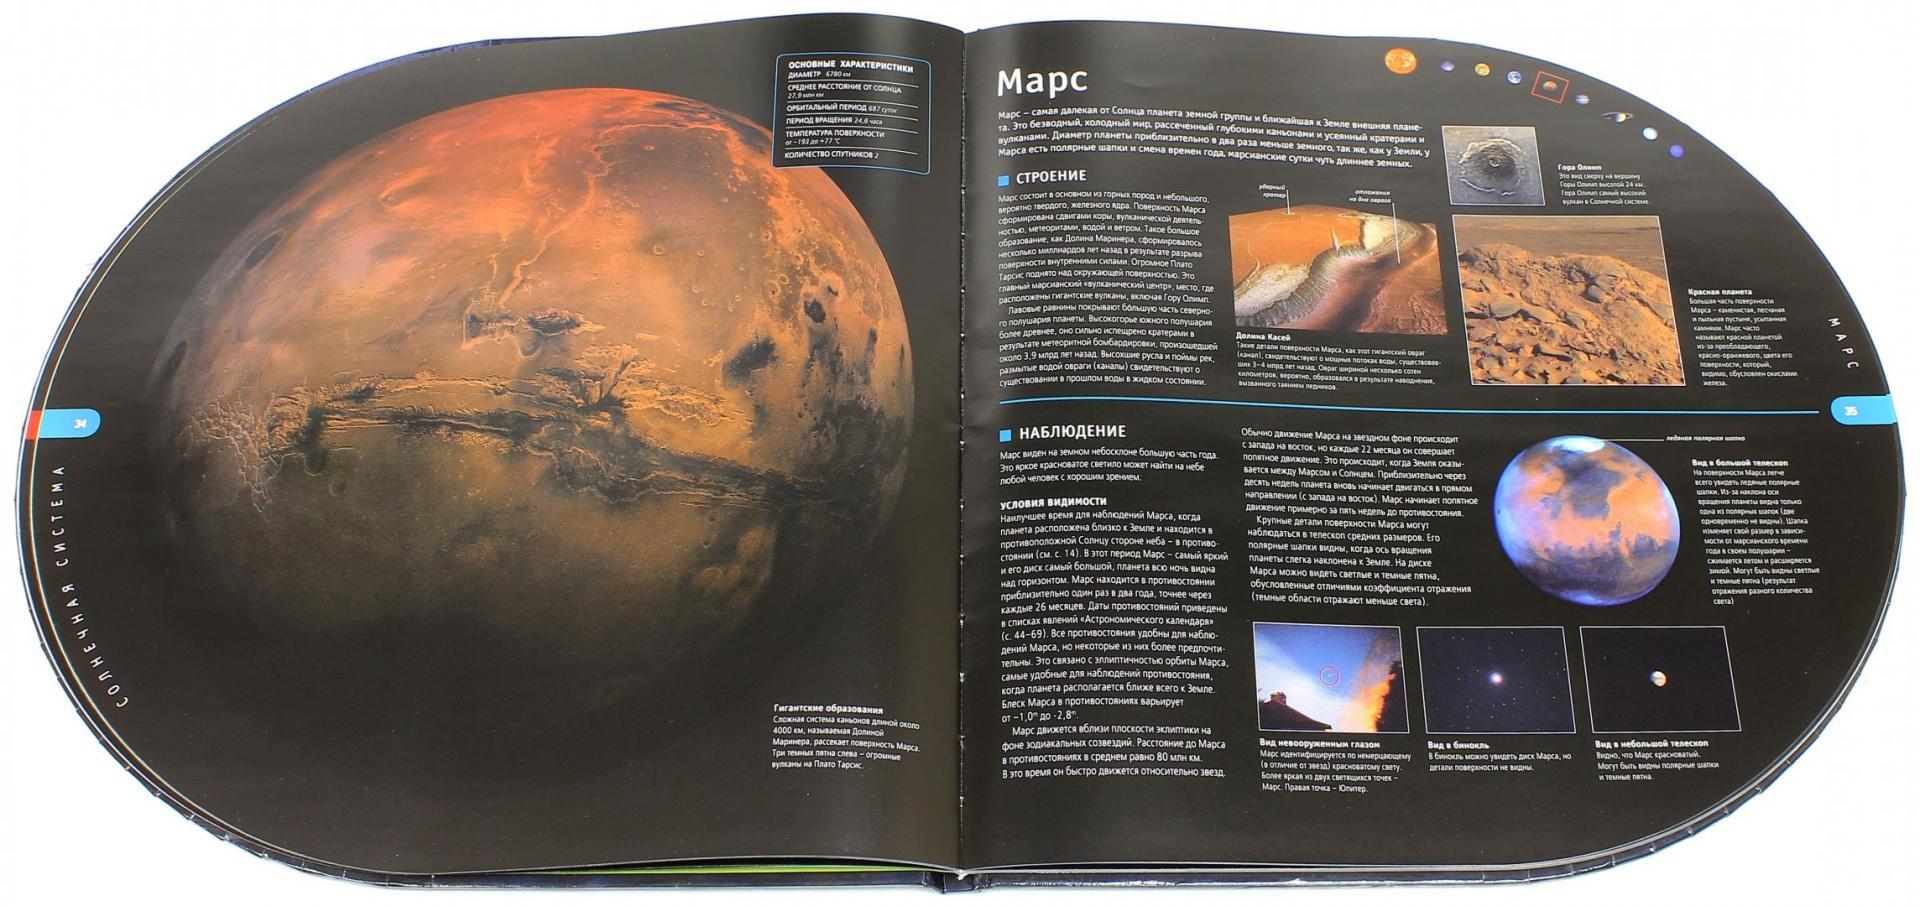 Иллюстрация 1 из 4 для Путеводитель по звездному небу. Полное руководство по наблюдениям звездного неба для начинающих - Кэрол Стотт | Лабиринт - книги. Источник: Лабиринт